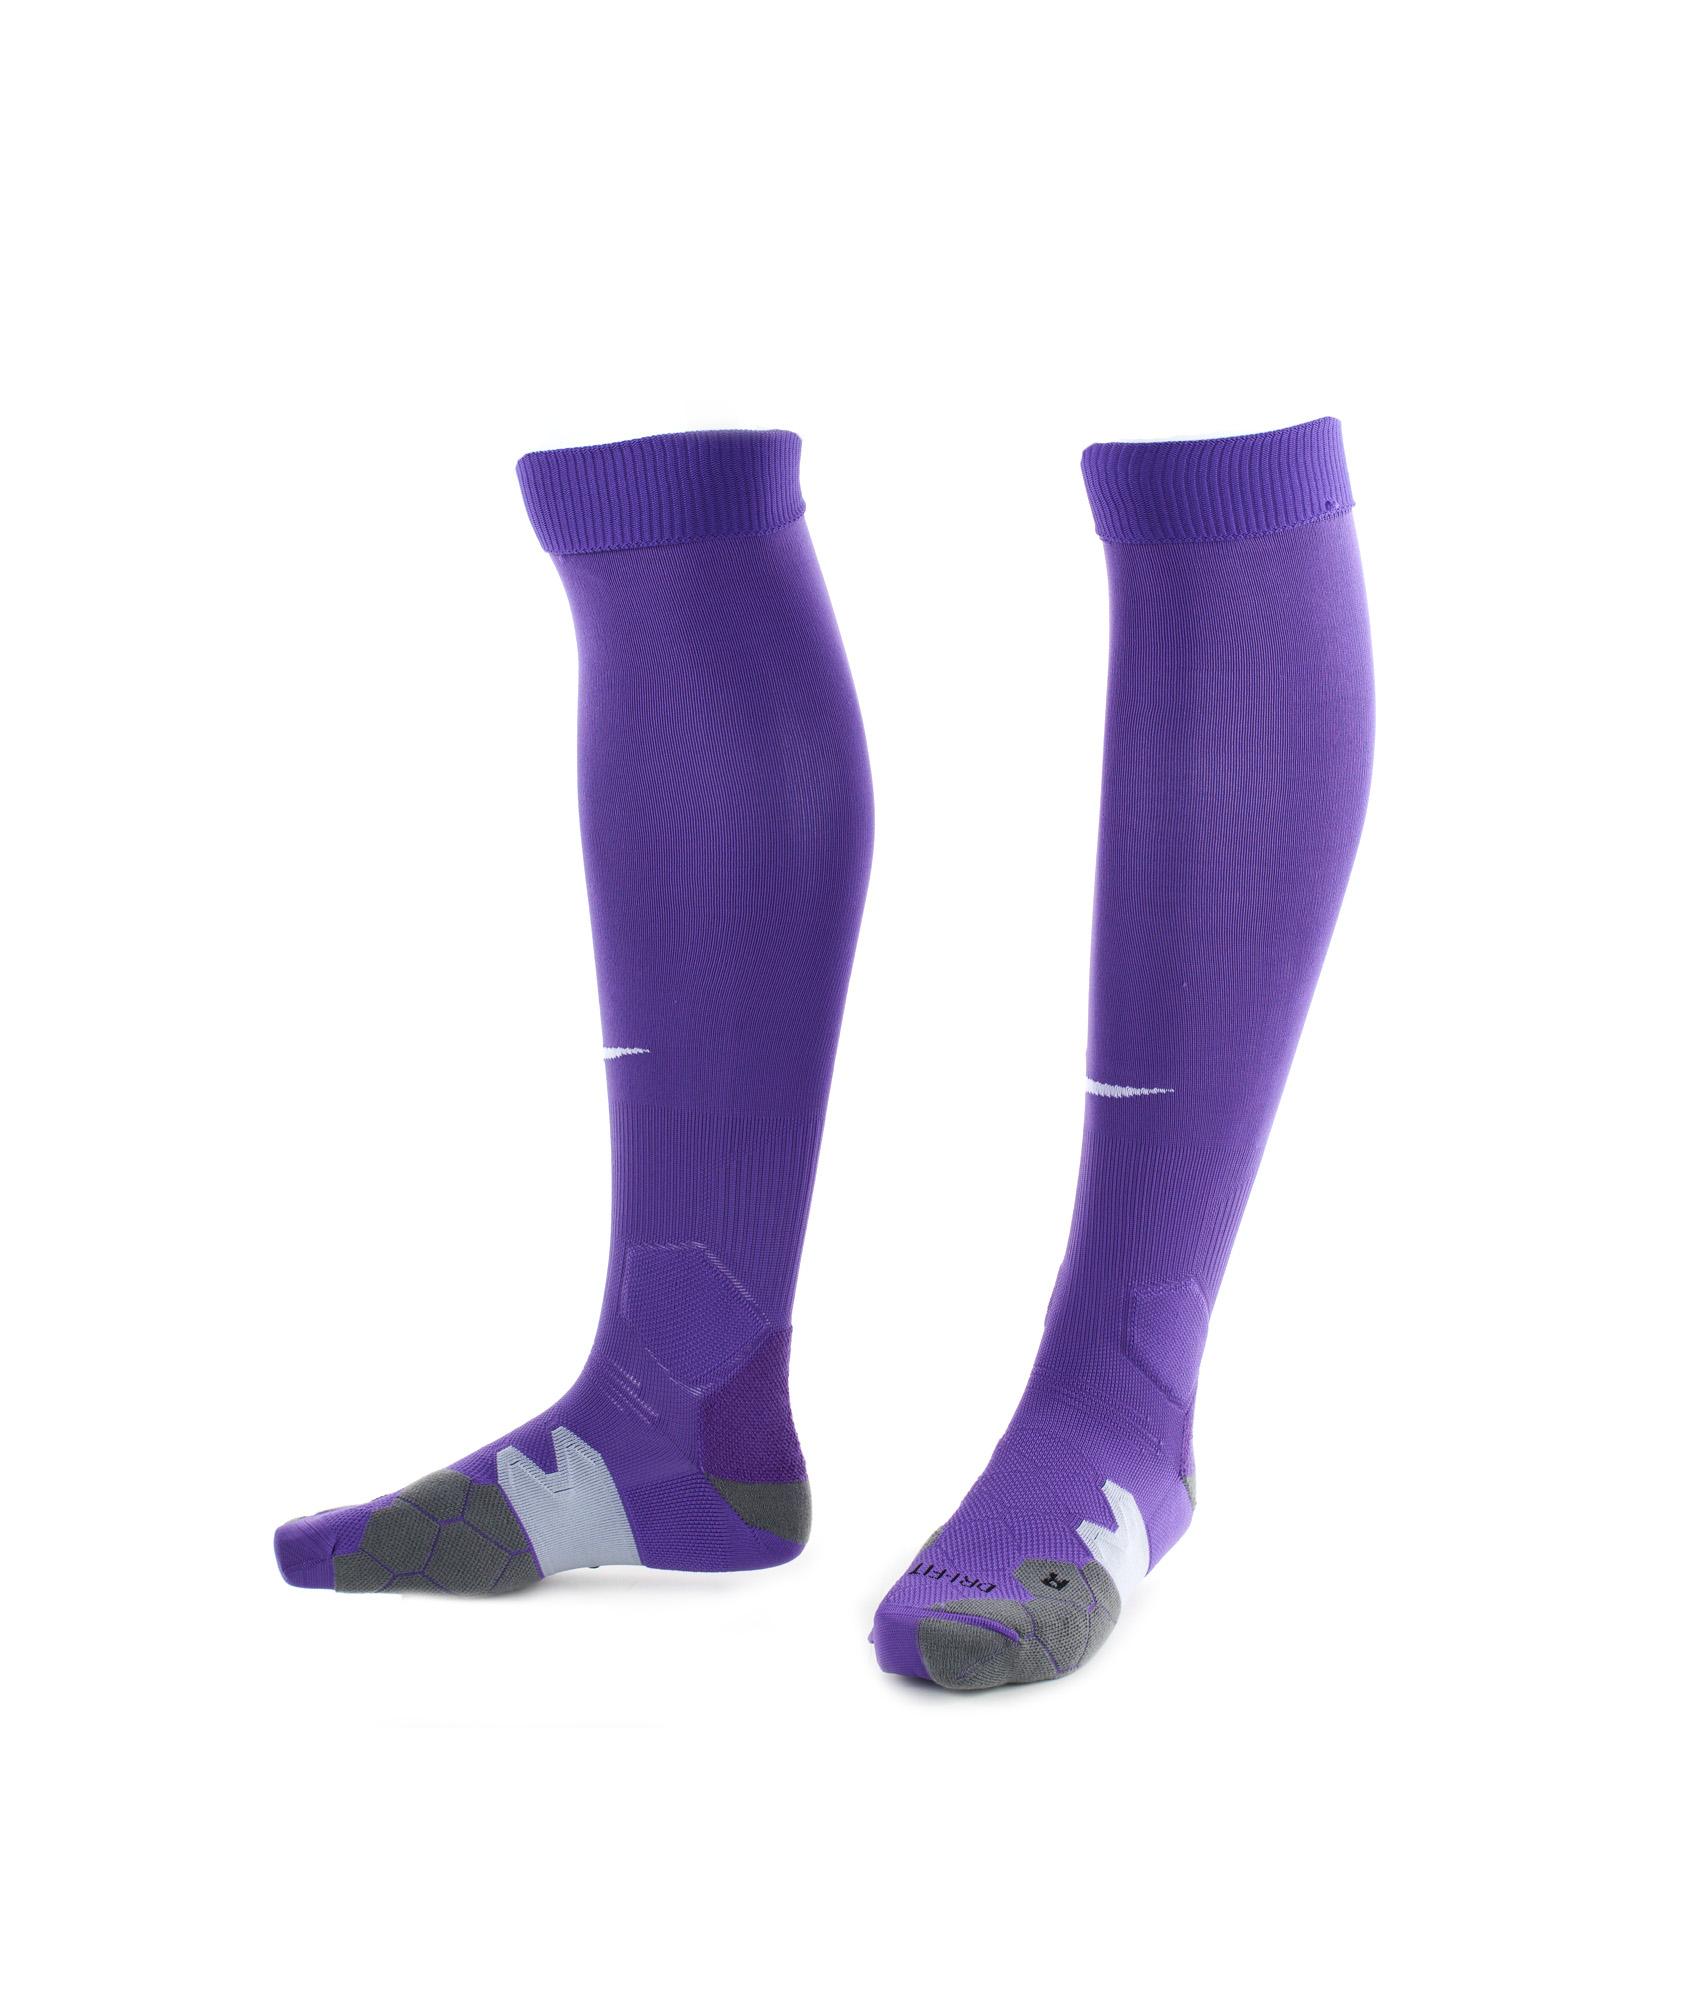 Гетры вратарские, Цвет-Фиолетовый, Размер-S кроссовки найк и цены